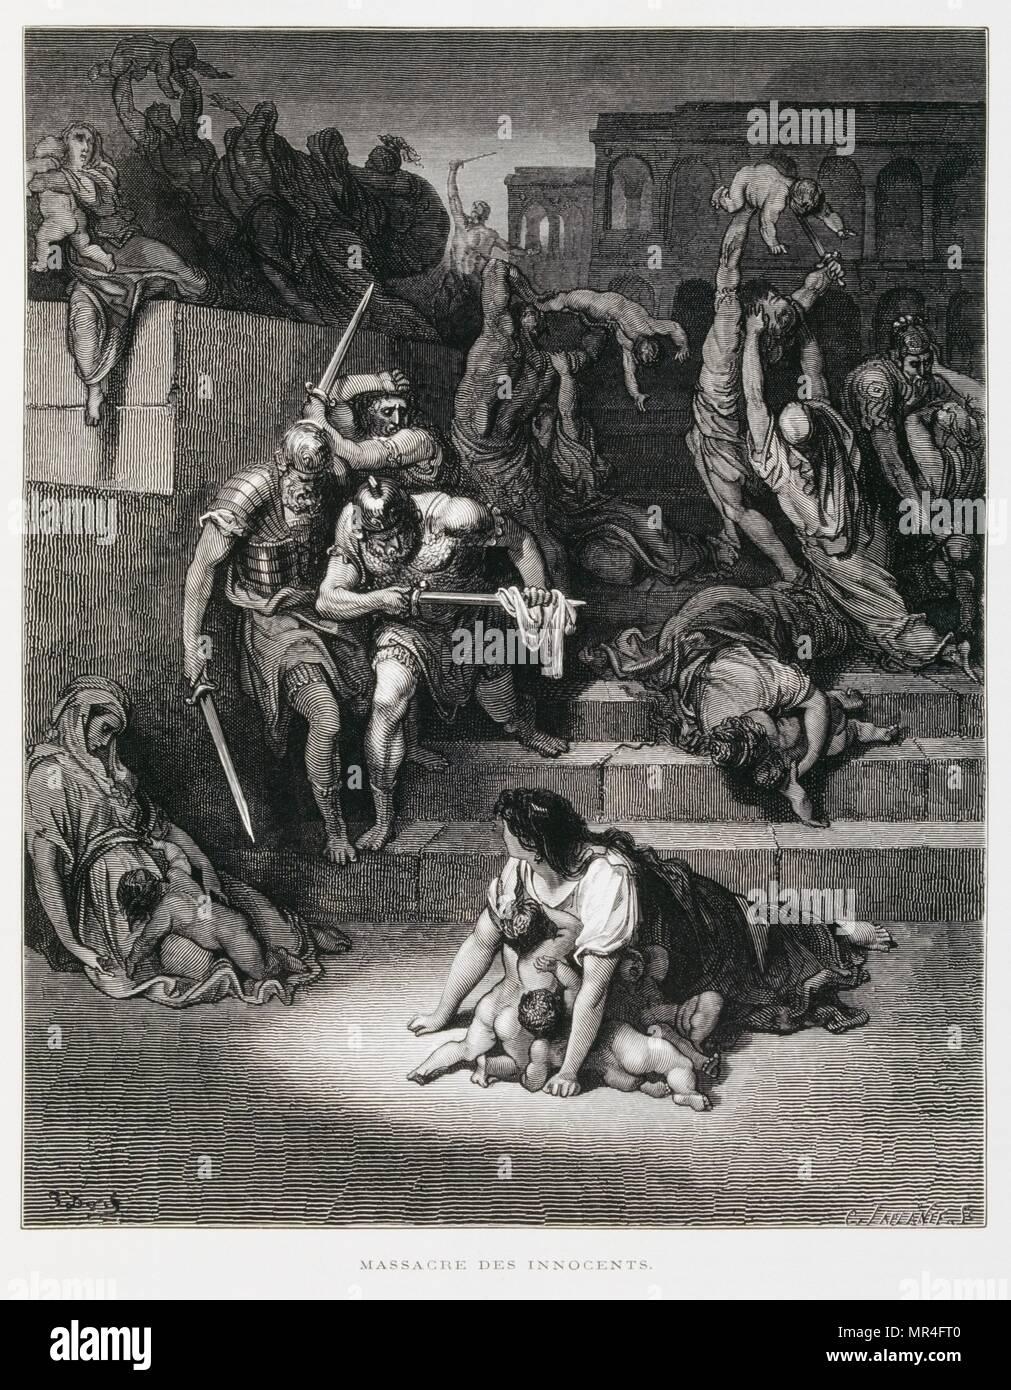 El rey Herodes ordena la matanza de los inocentes, la ilustración de la Dore Biblia 1866. En 1866, el artista e ilustrador francés Gustave Doré (1832-1883), publicó una serie de 241 grabados en madera para una nueva edición de lujo de 1843 de la traducción al francés de la Biblia Vulgata, popularmente conocida como la Biblia de Tours. Esta nueva edición fue conocida como La Grande Biblia de Tours y sus ilustraciones eran inmensamente exitosa. Foto de stock